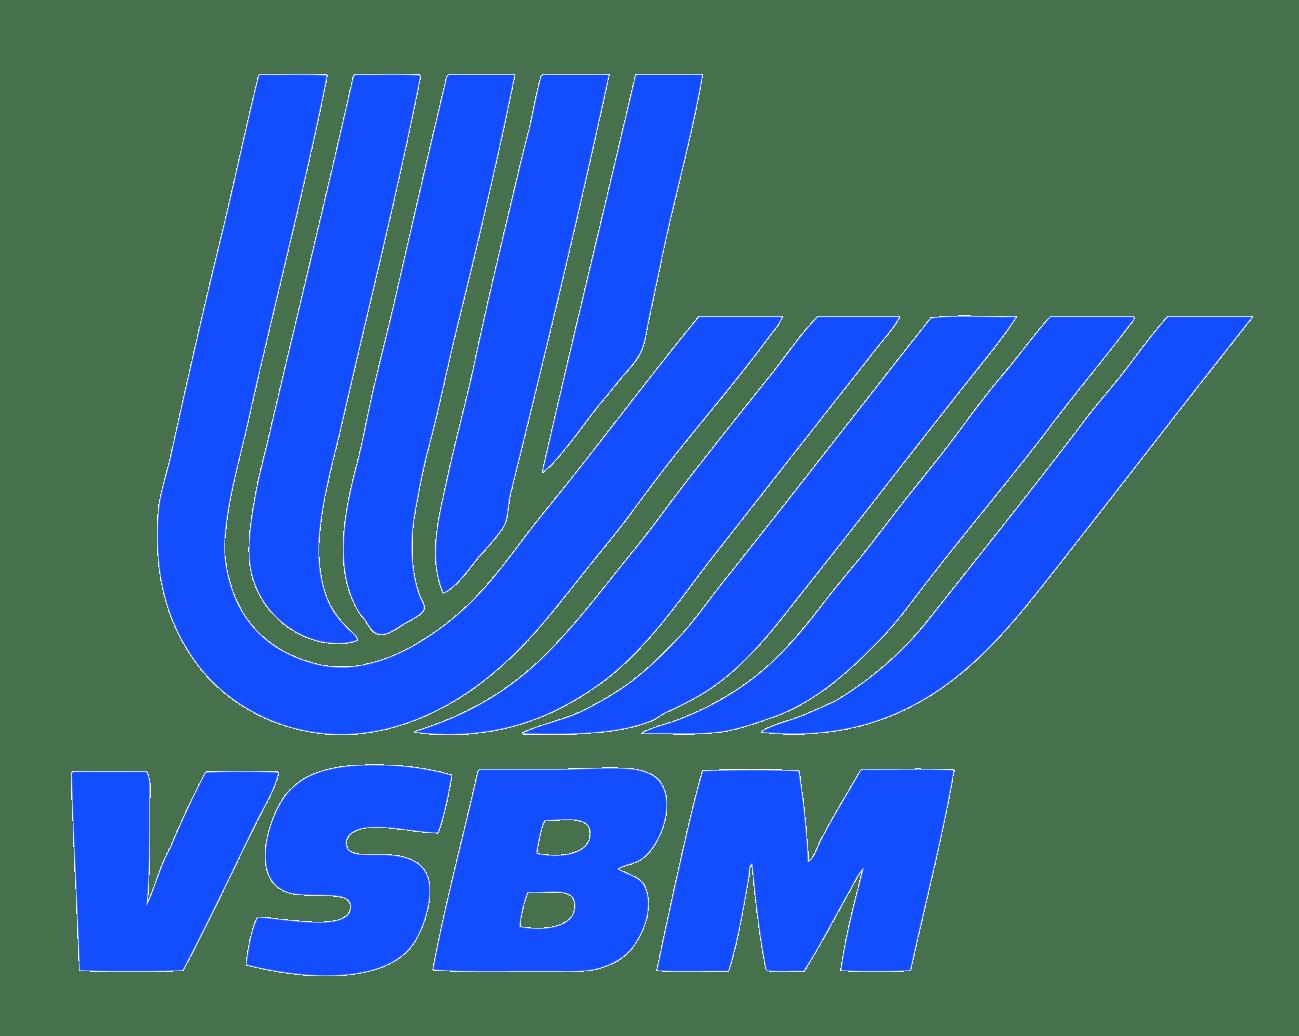 Logo Verband der Schweizerischen Baumaschinenwirtschaft